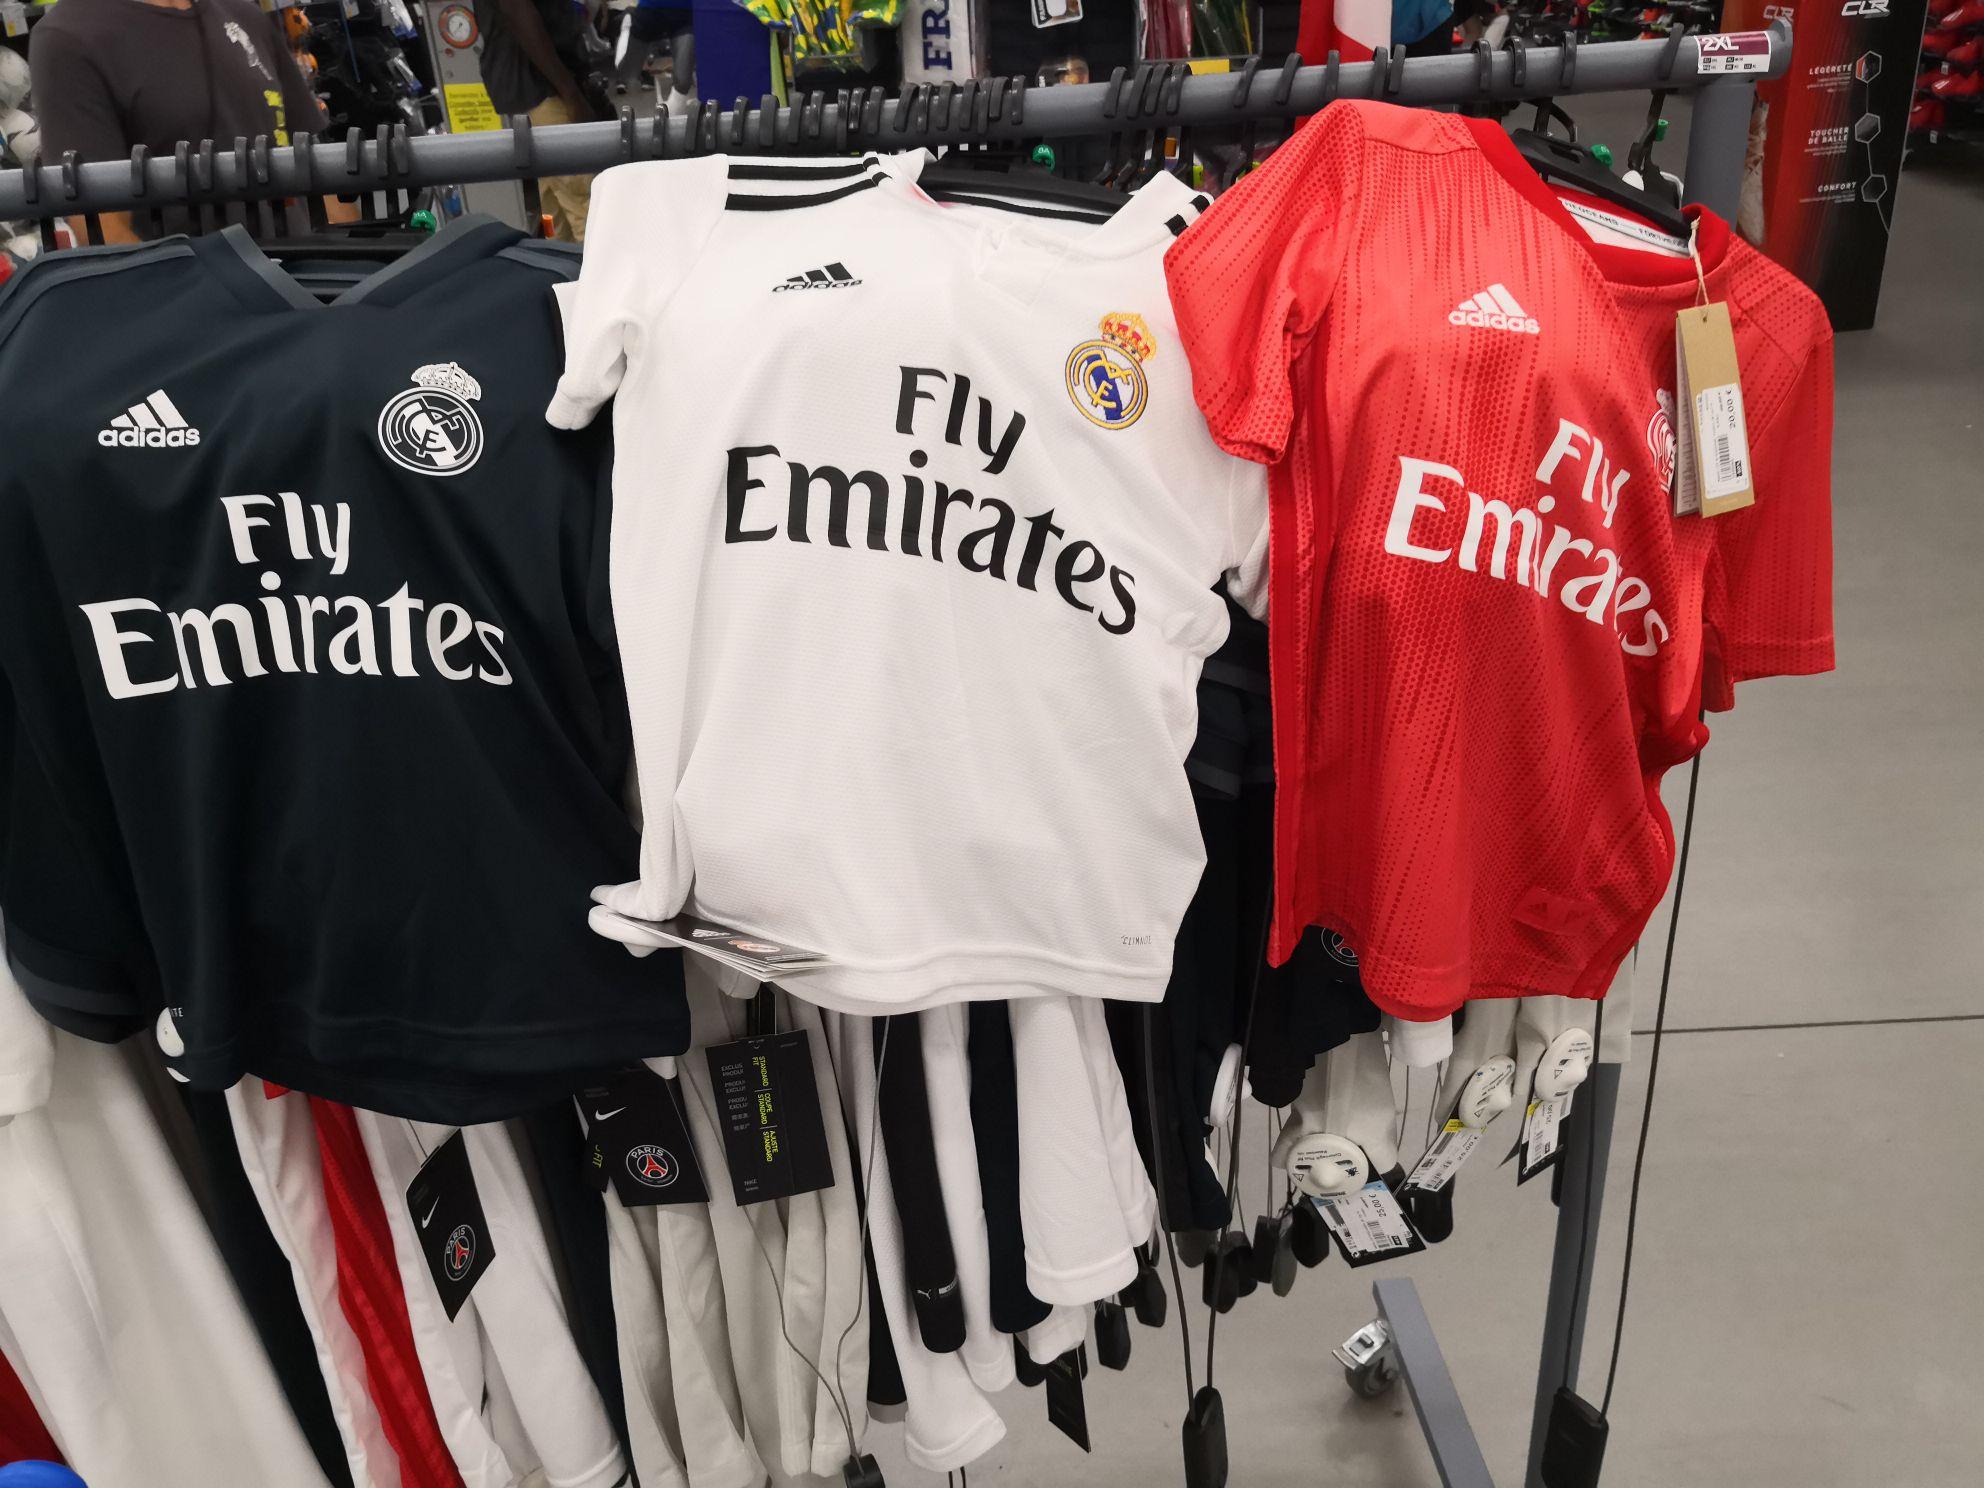 Sélection de maillots de foot Junior - Ex : Real Madrid à 20€/ PSG à 25€ (Décathlon Porte de Montreuil 93)